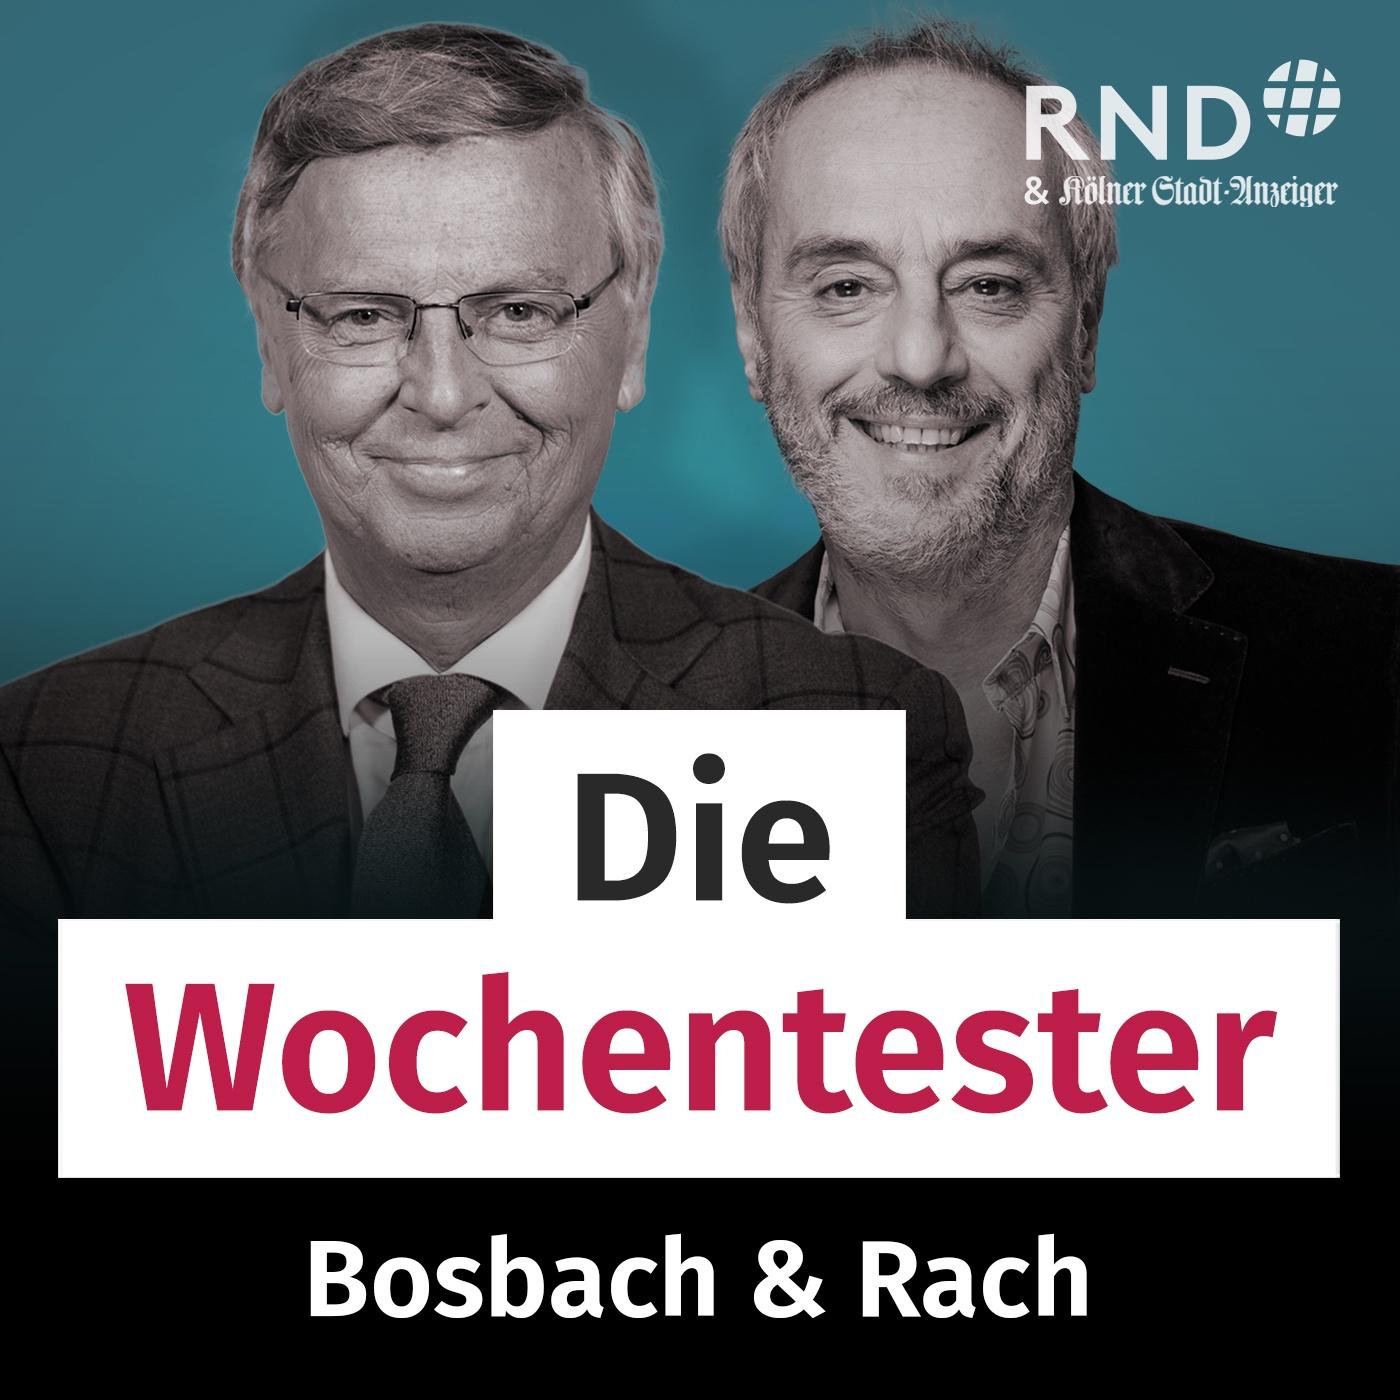 Bosbach & Rach - mit Klaus M. Schmidt und Martina Voss-Tecklenburg